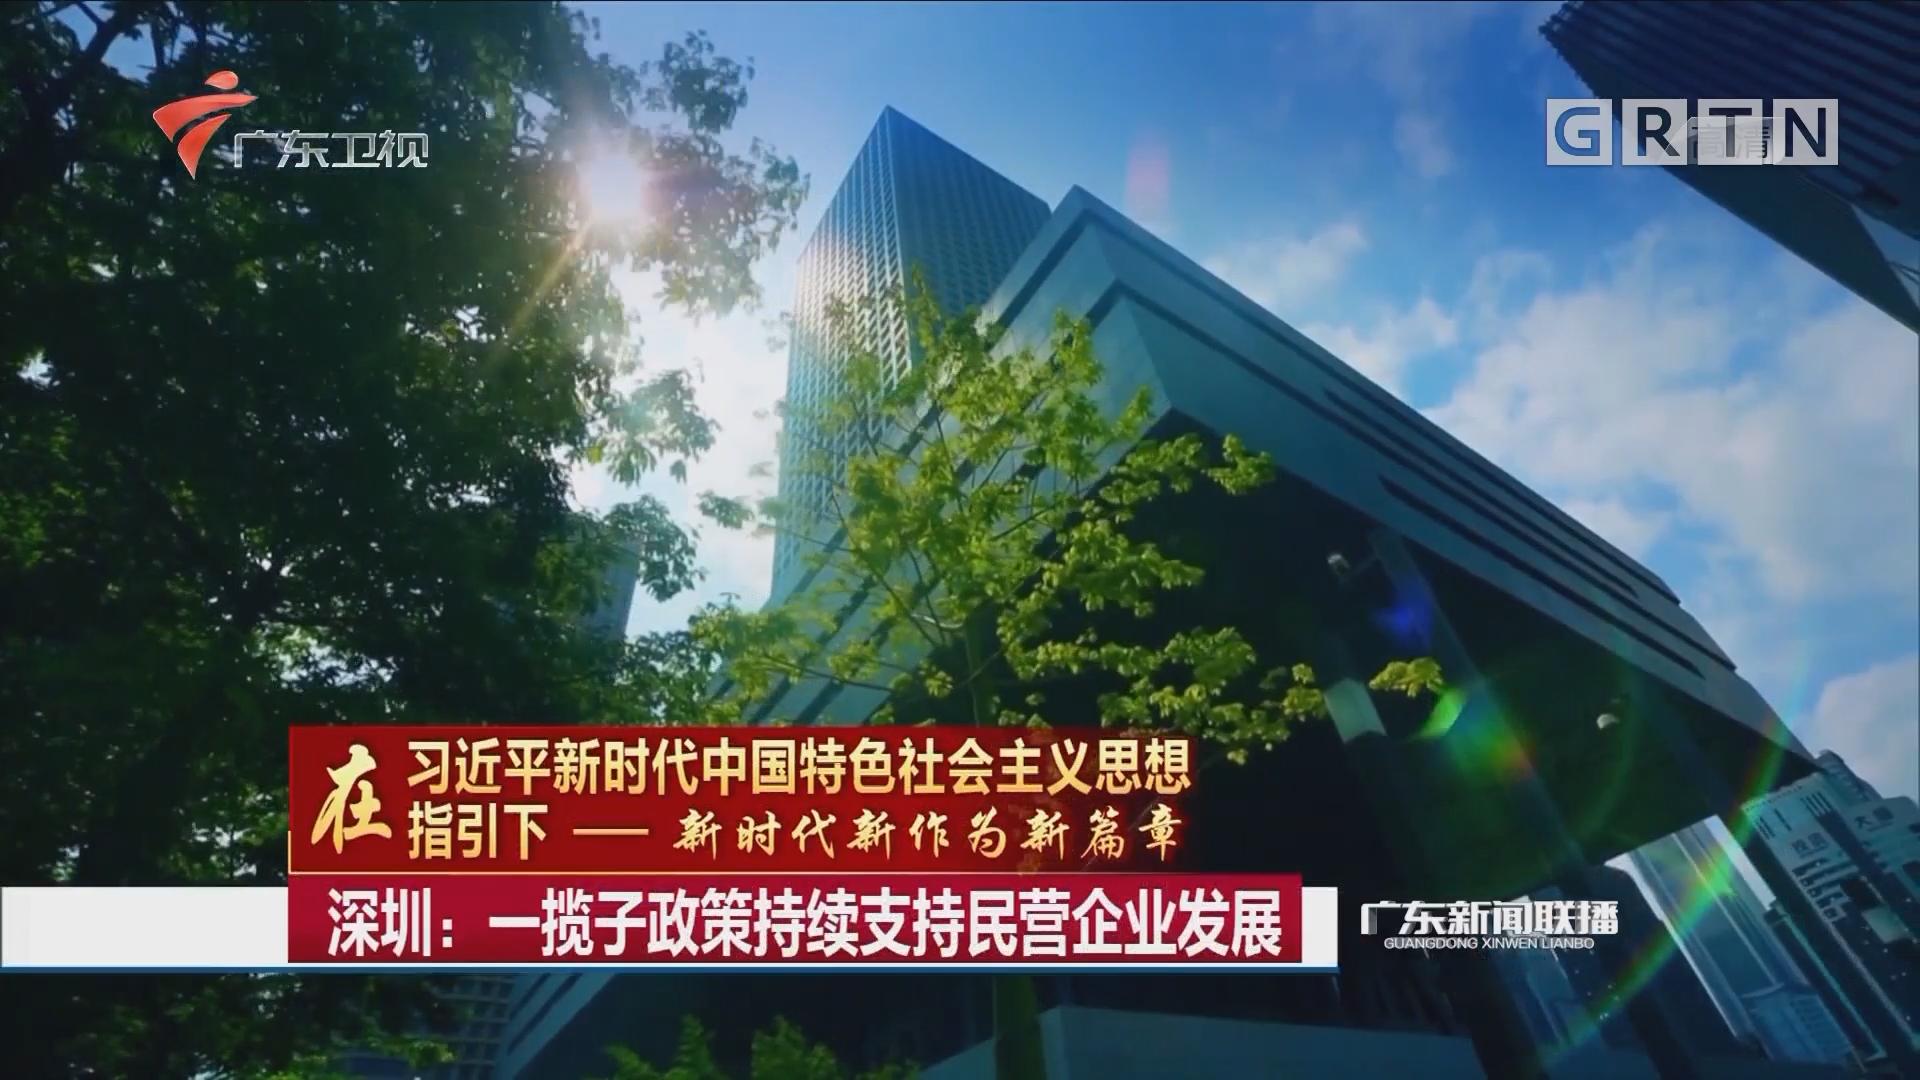 深圳:一揽子政策持续支持民营企业发展